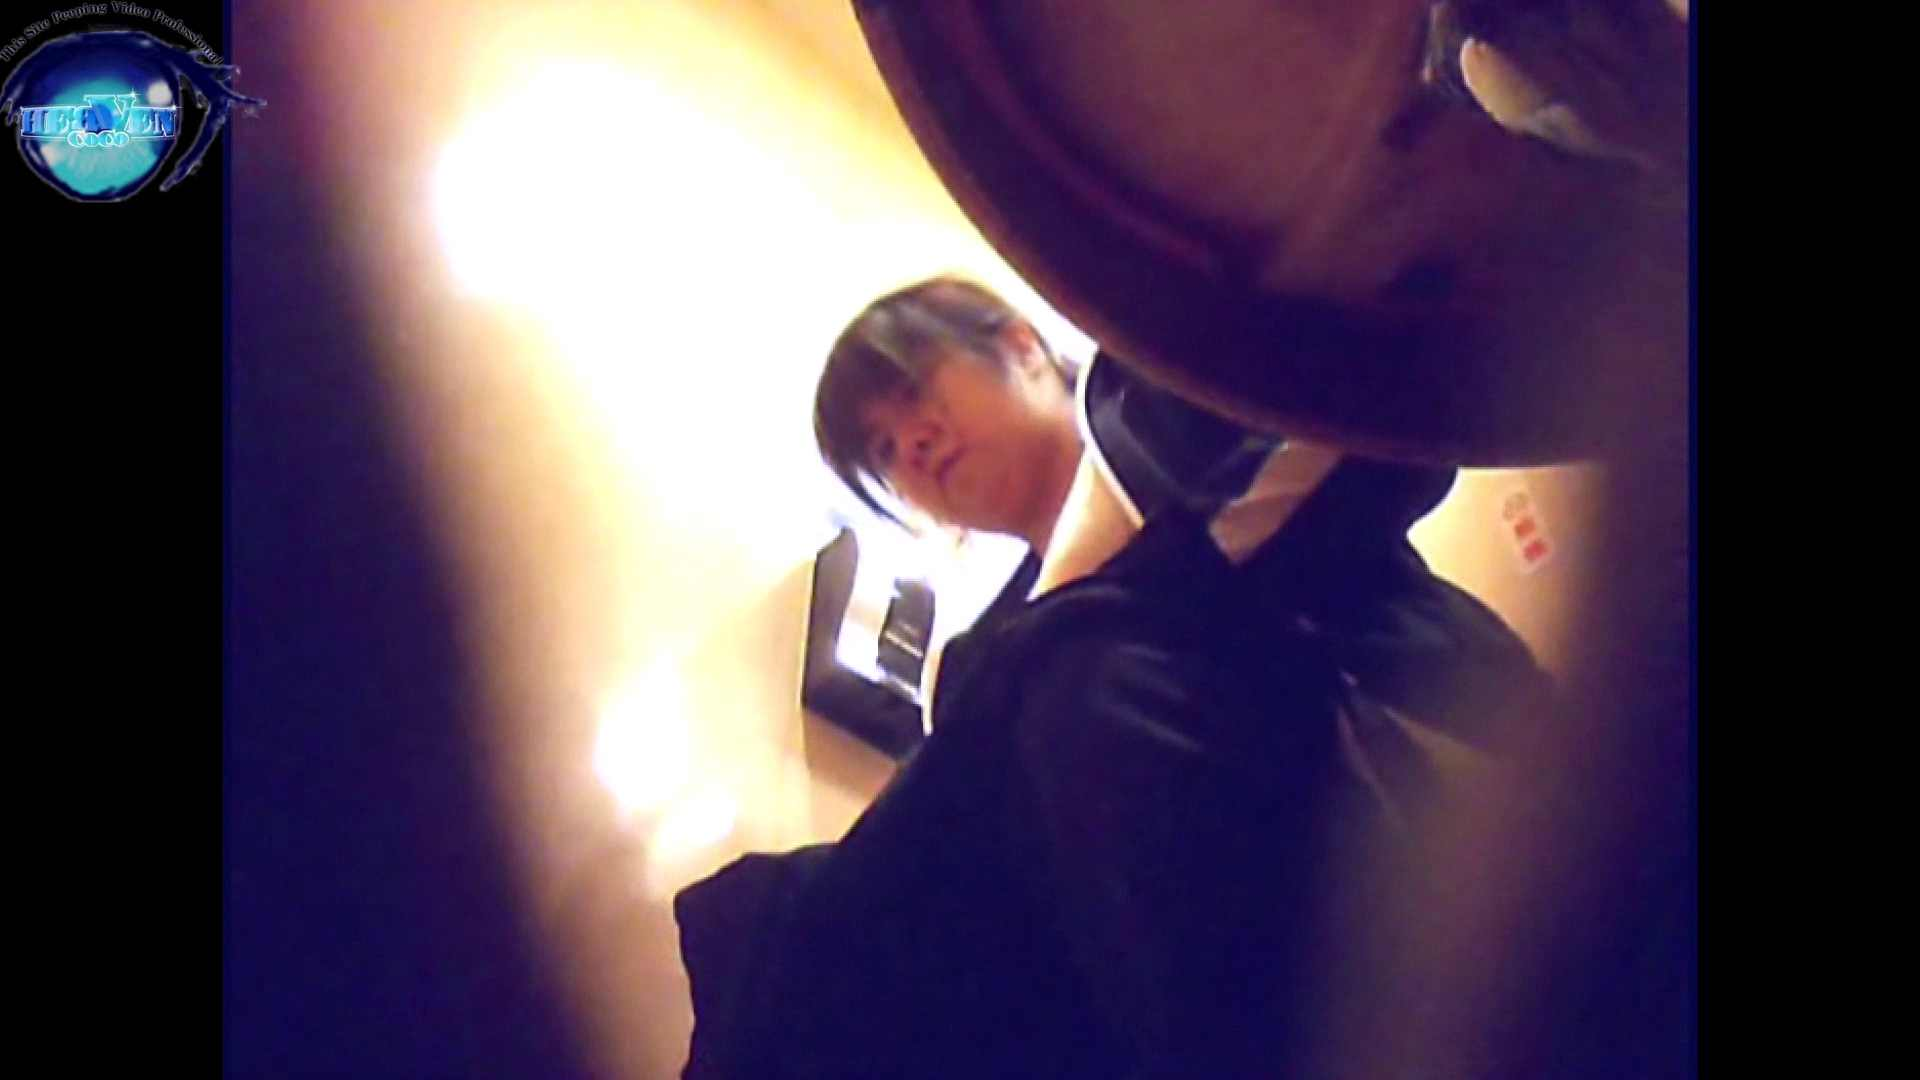 突撃!女子化粧室の真実vol.29 後編 便器の中 オメコ動画キャプチャ 106PIX 54